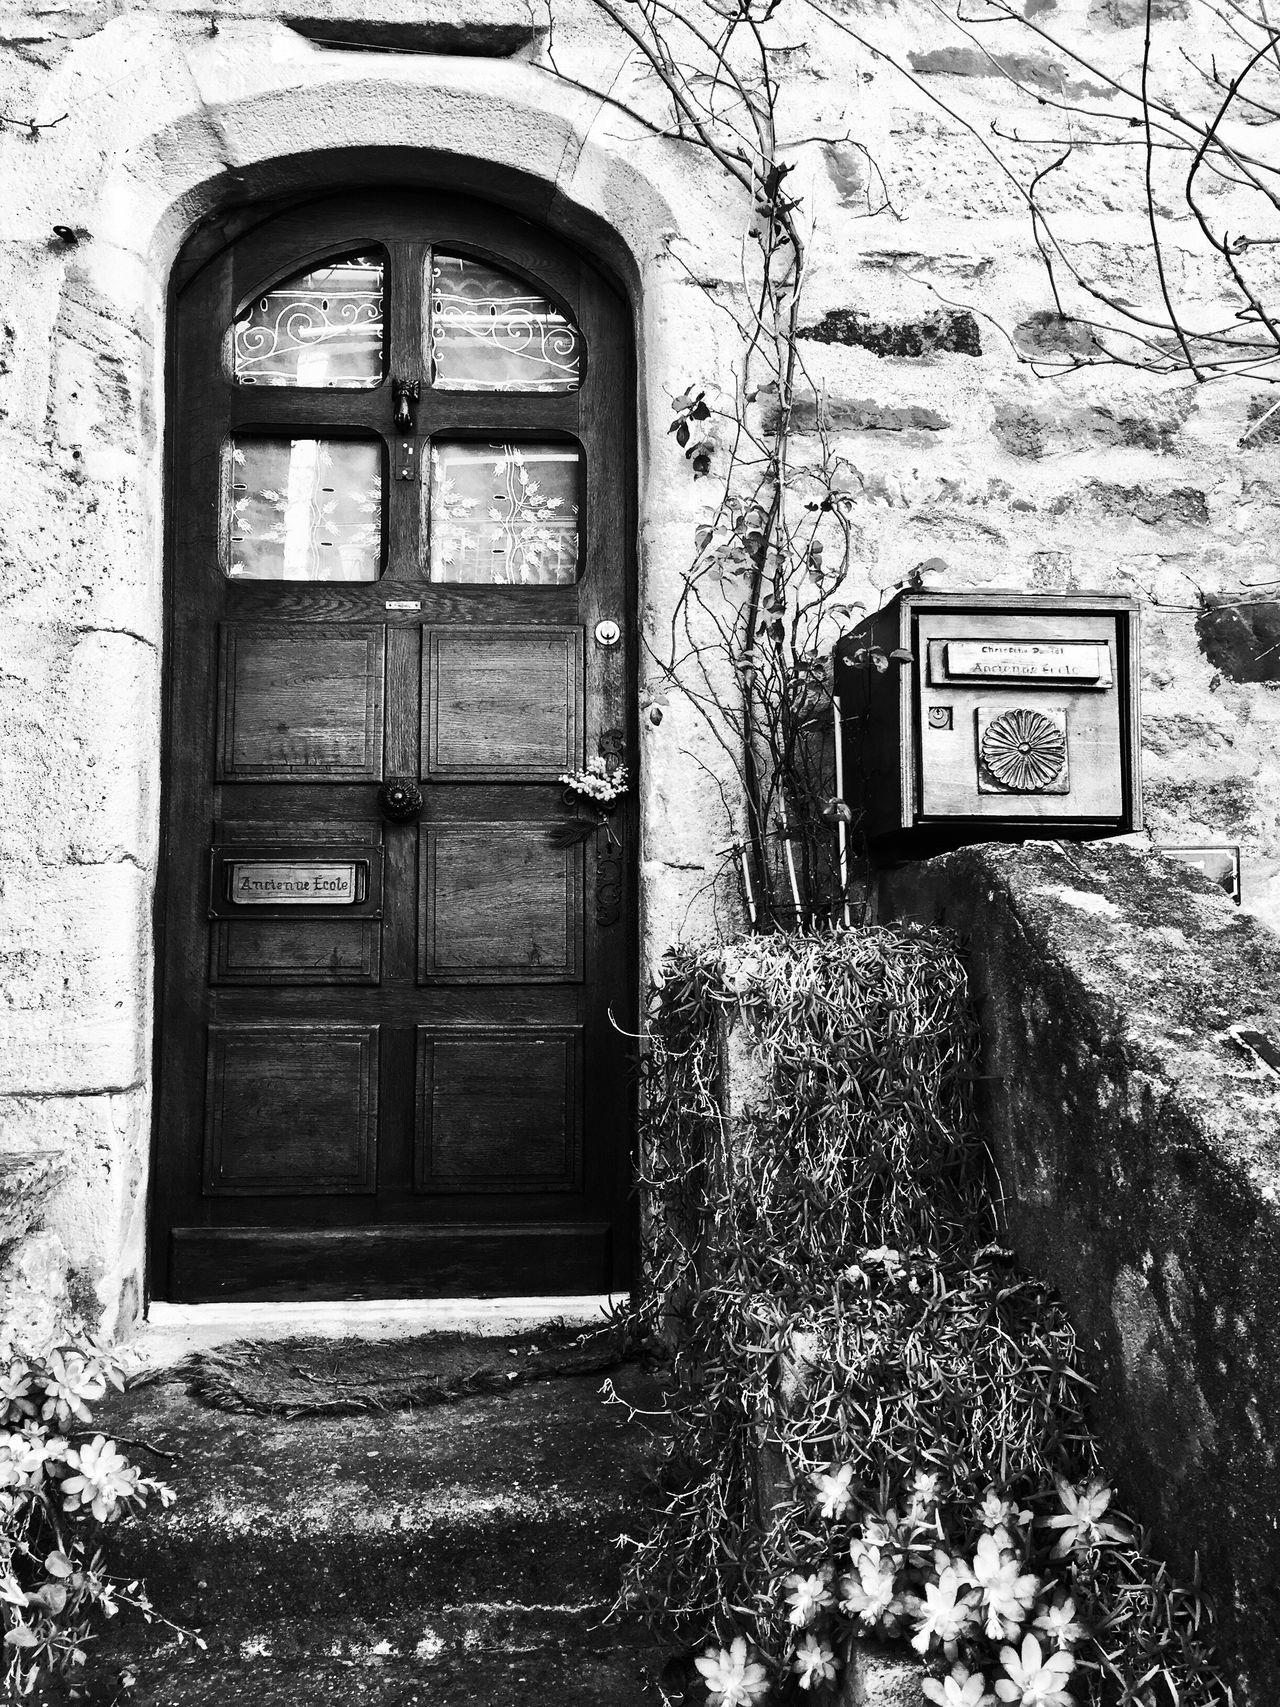 La porte de la petite école Bnw_friday_eyeemchallenge Bnw_doors Bnw_life Bnw_collection Bnw_captures Doors